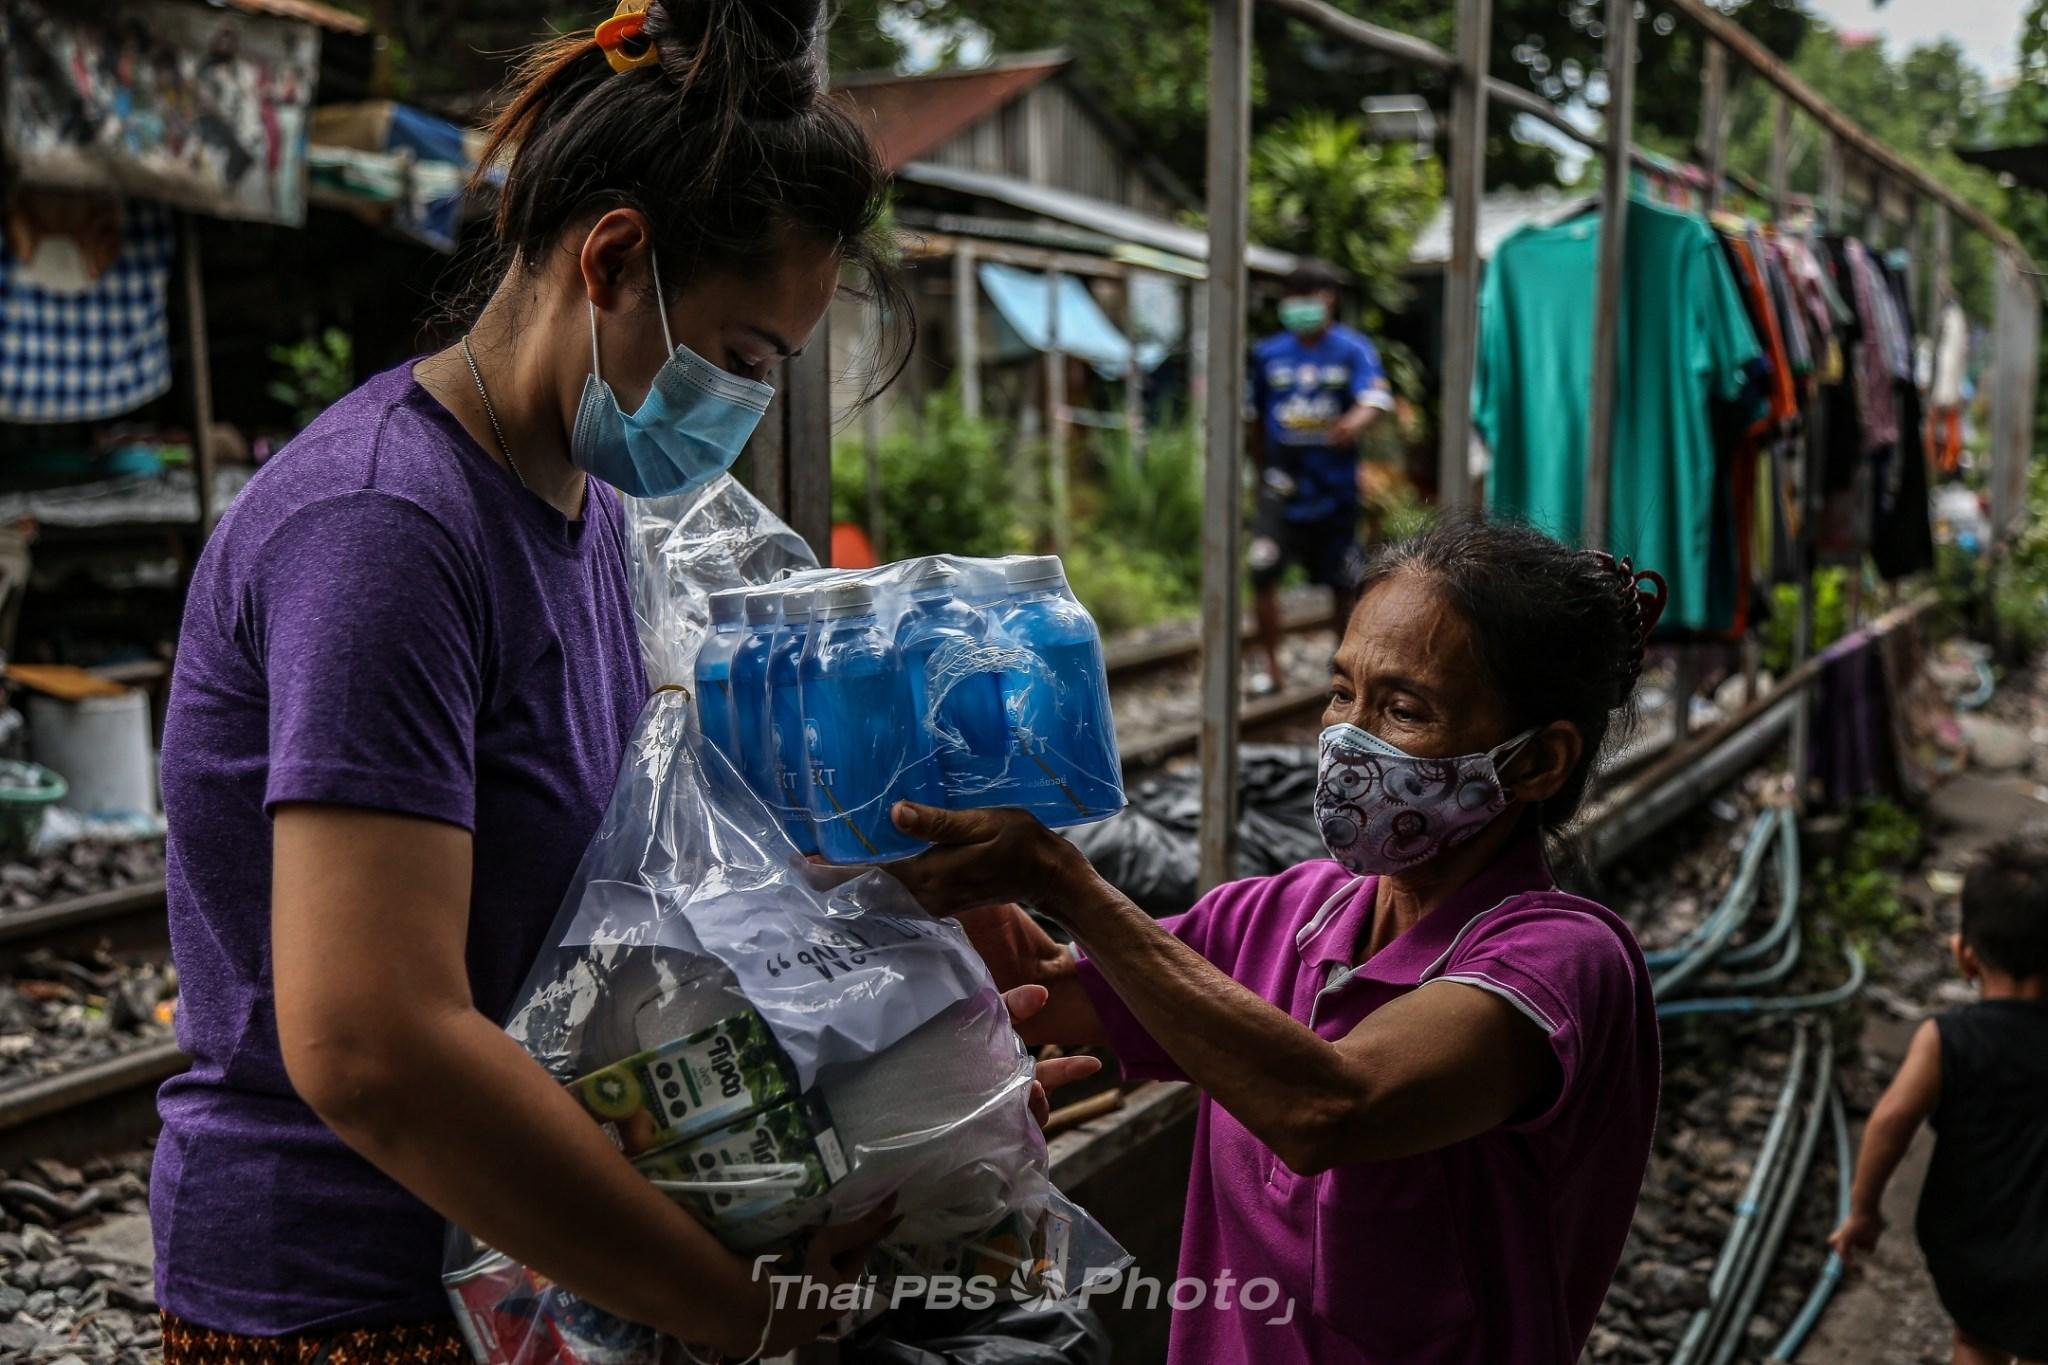 แจกเครื่องอุปโภคบริโภค ช่วยชุมชนในพื้นที่สีแดง | 8 พ.ค. 64